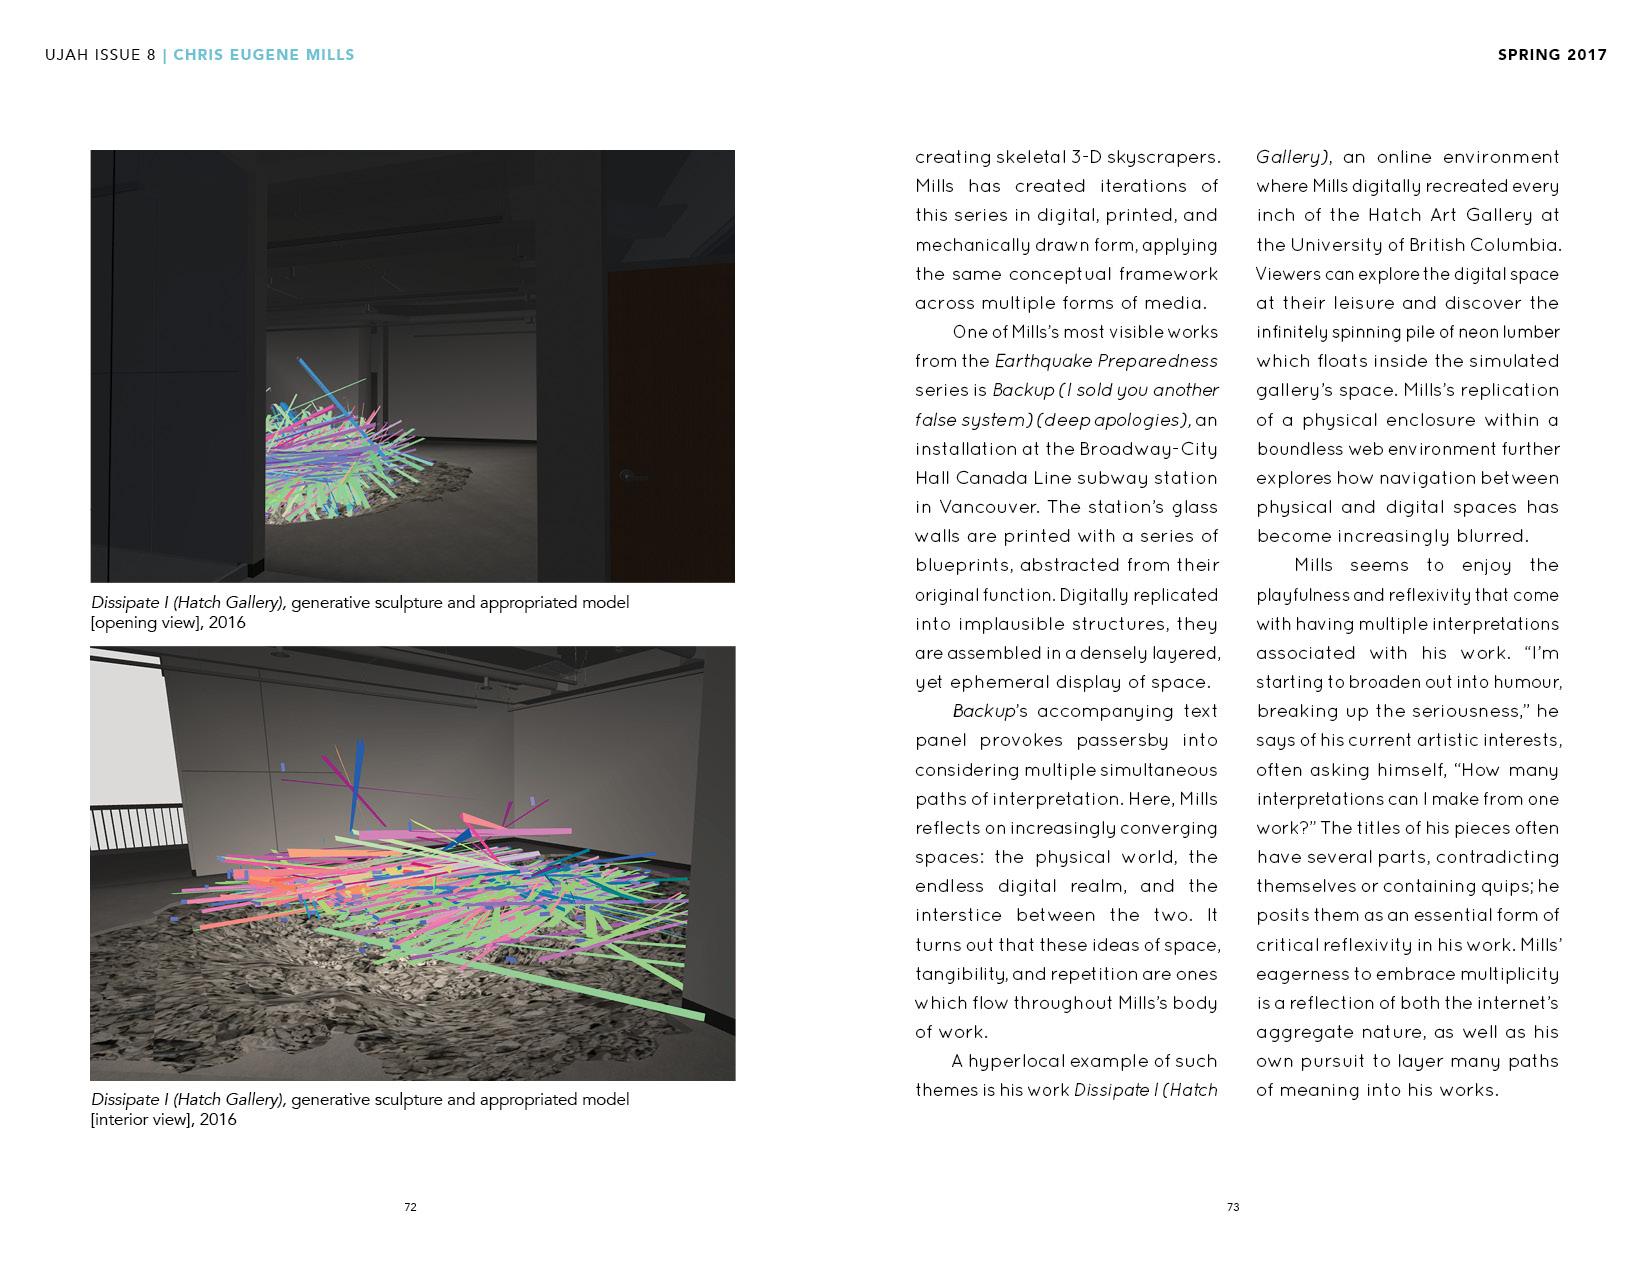 UJAH_issue8_InsidePages_ProofMar27_v5_ForPrint37.jpg